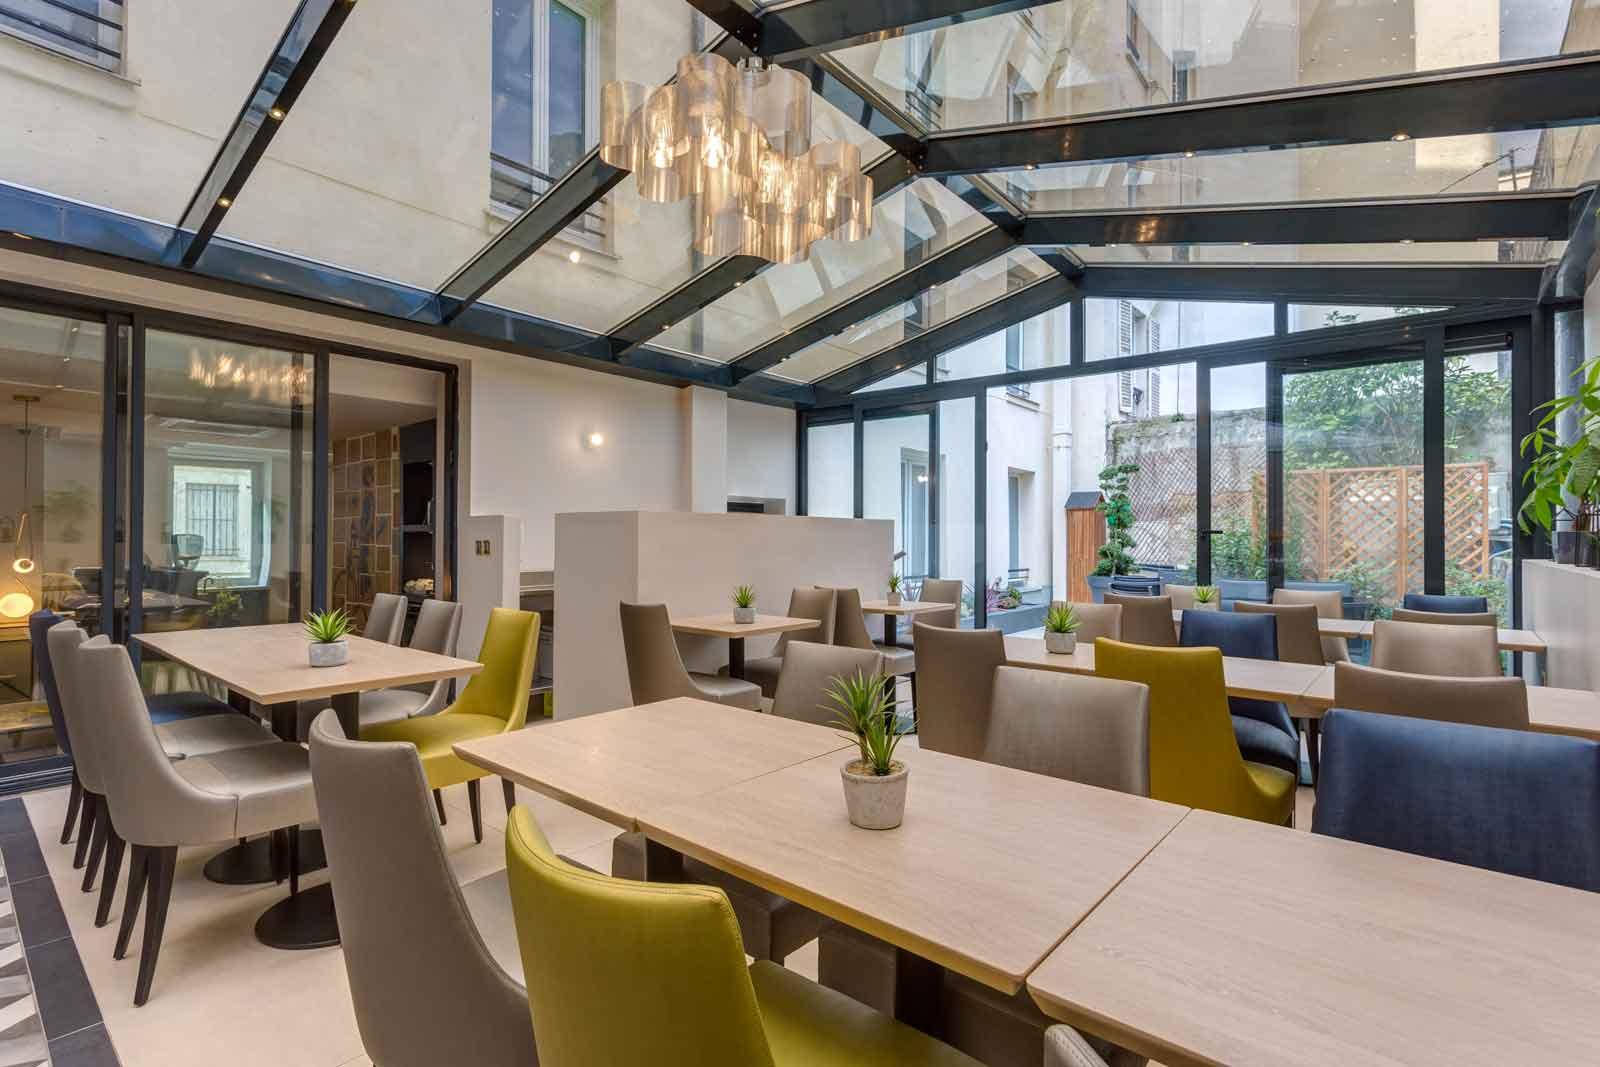 Hotel Jardin De Villiers Meilleur Tarif Garanti Paris 17eme